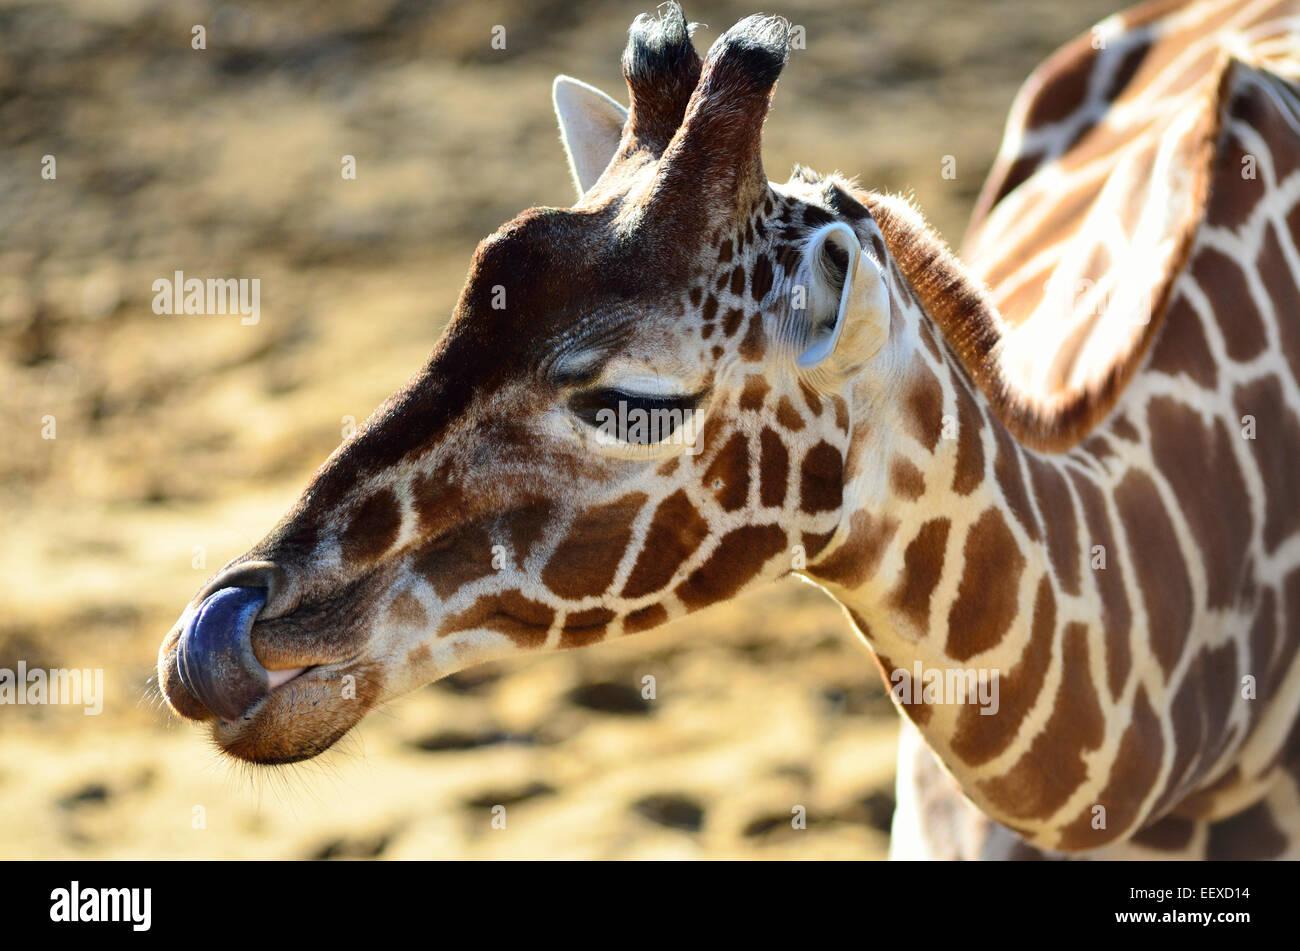 La giraffa leccare il suo naso con esso;s lungo la linguetta (solo uso editoriale) Immagini Stock